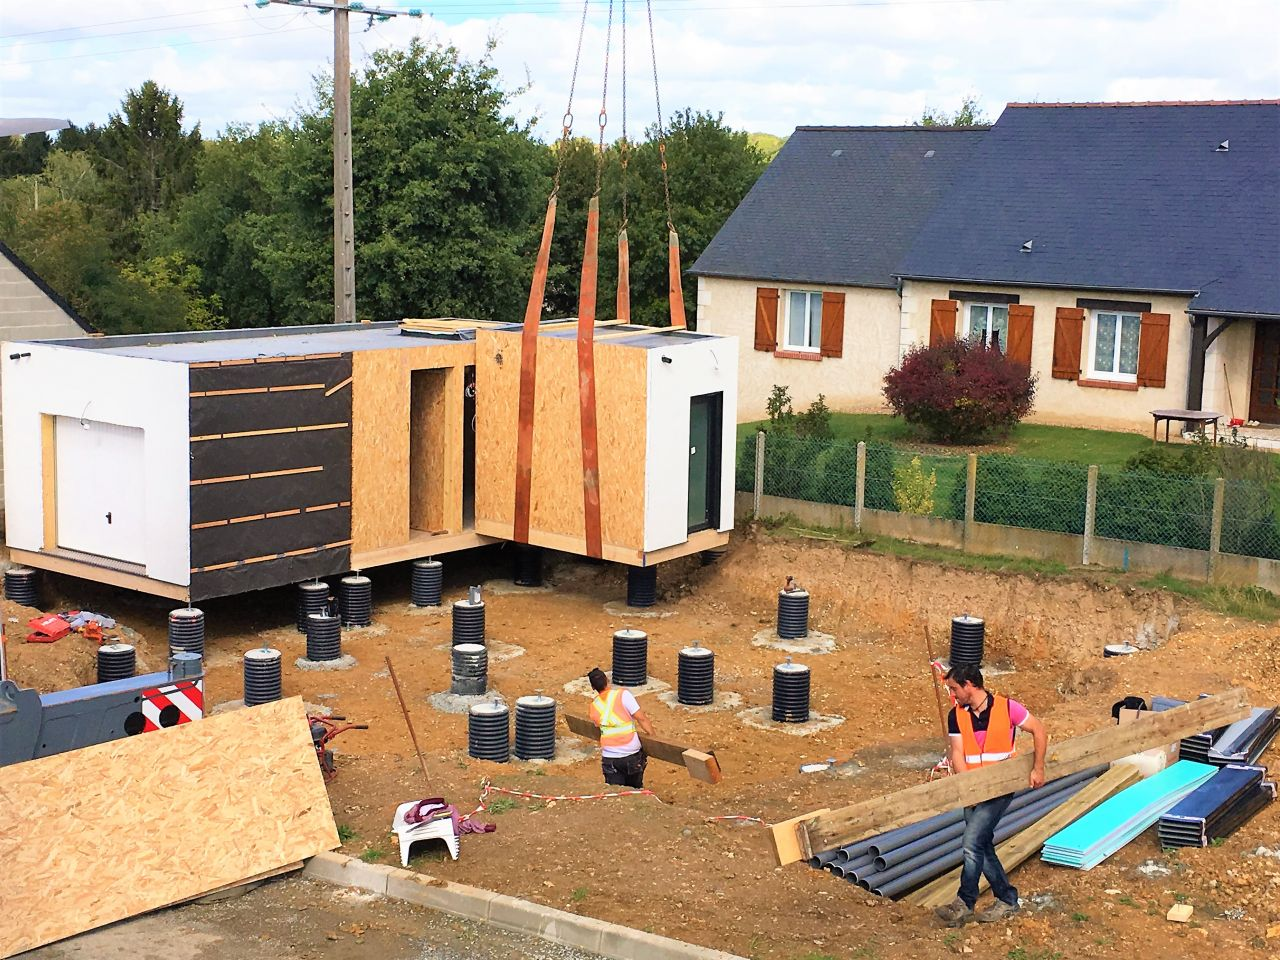 Grutage des modules qui composent ma maison ossature bois !